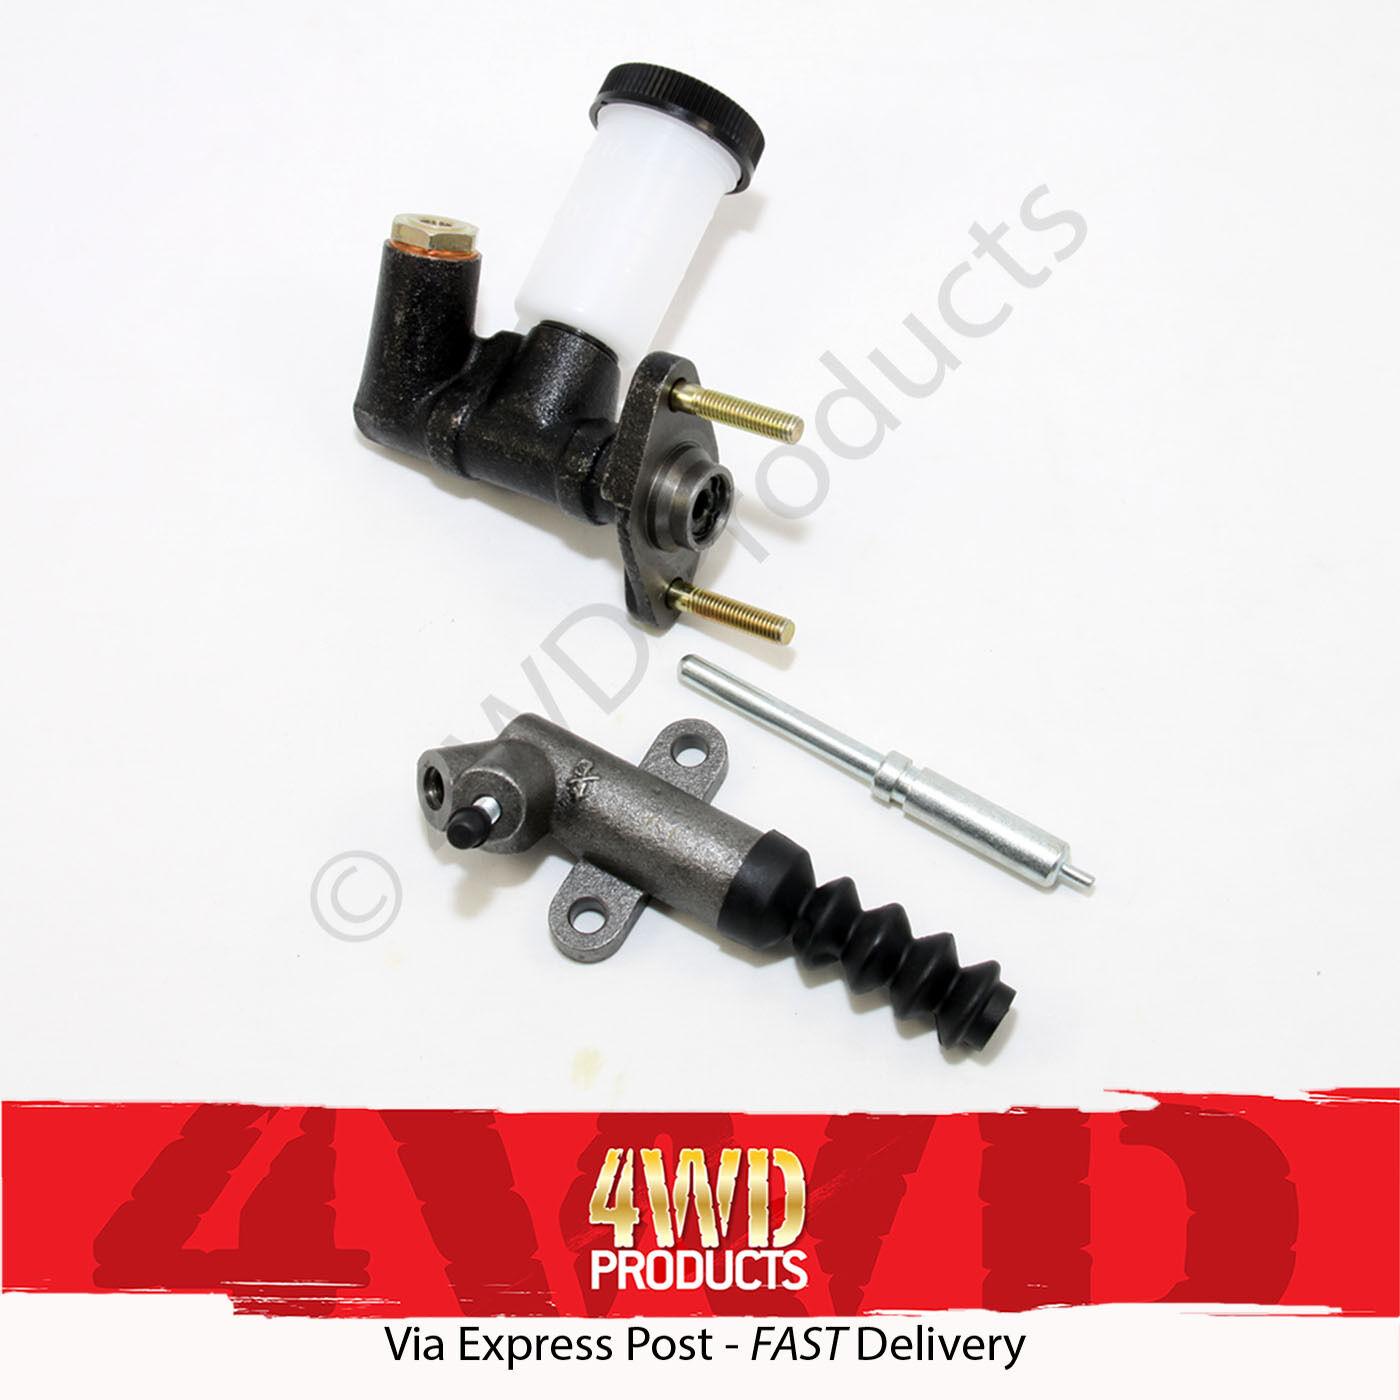 Clutch Master Slave Cylinder Set Ford Courier Mazda Bravo B2500 Diagram 25d Td Wl T 96 06